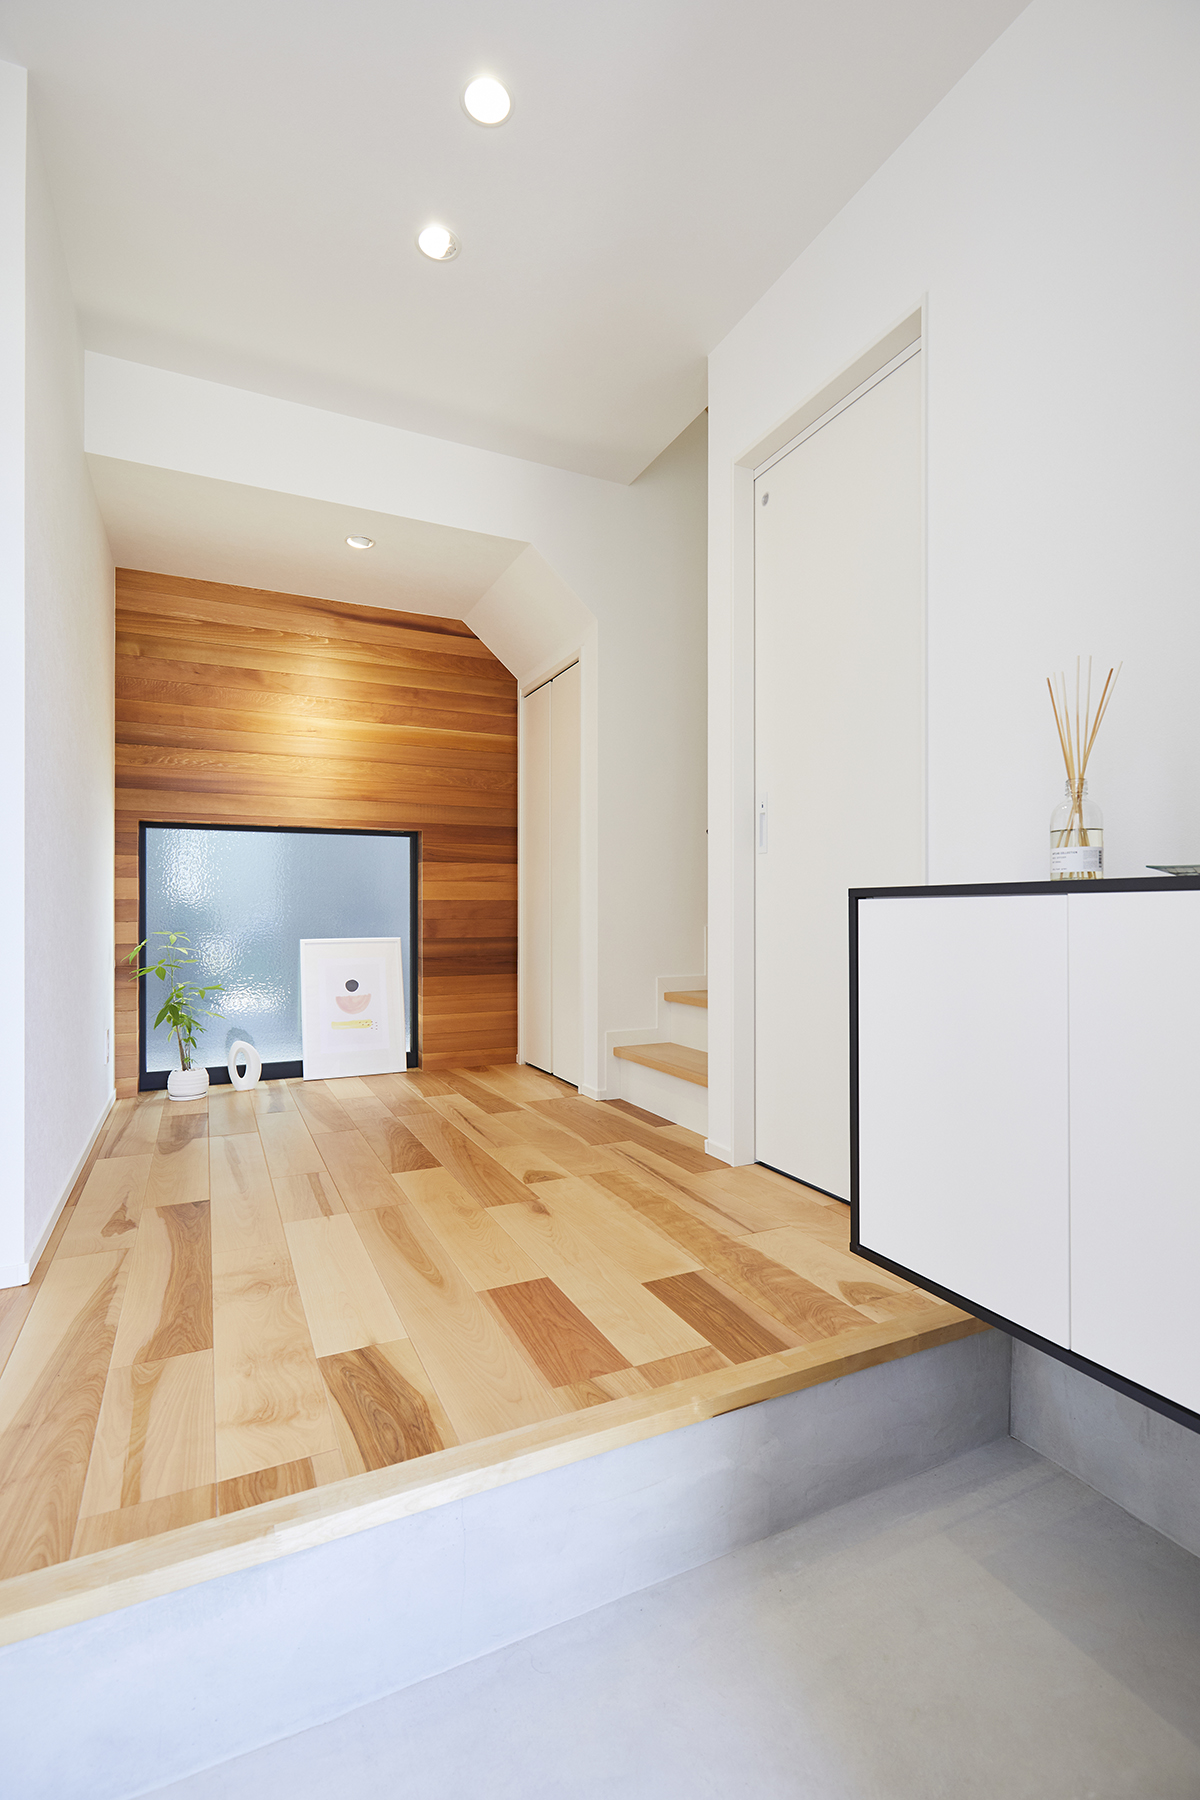 床面に面した窓と木目調の壁が印象的な玄関ホール。